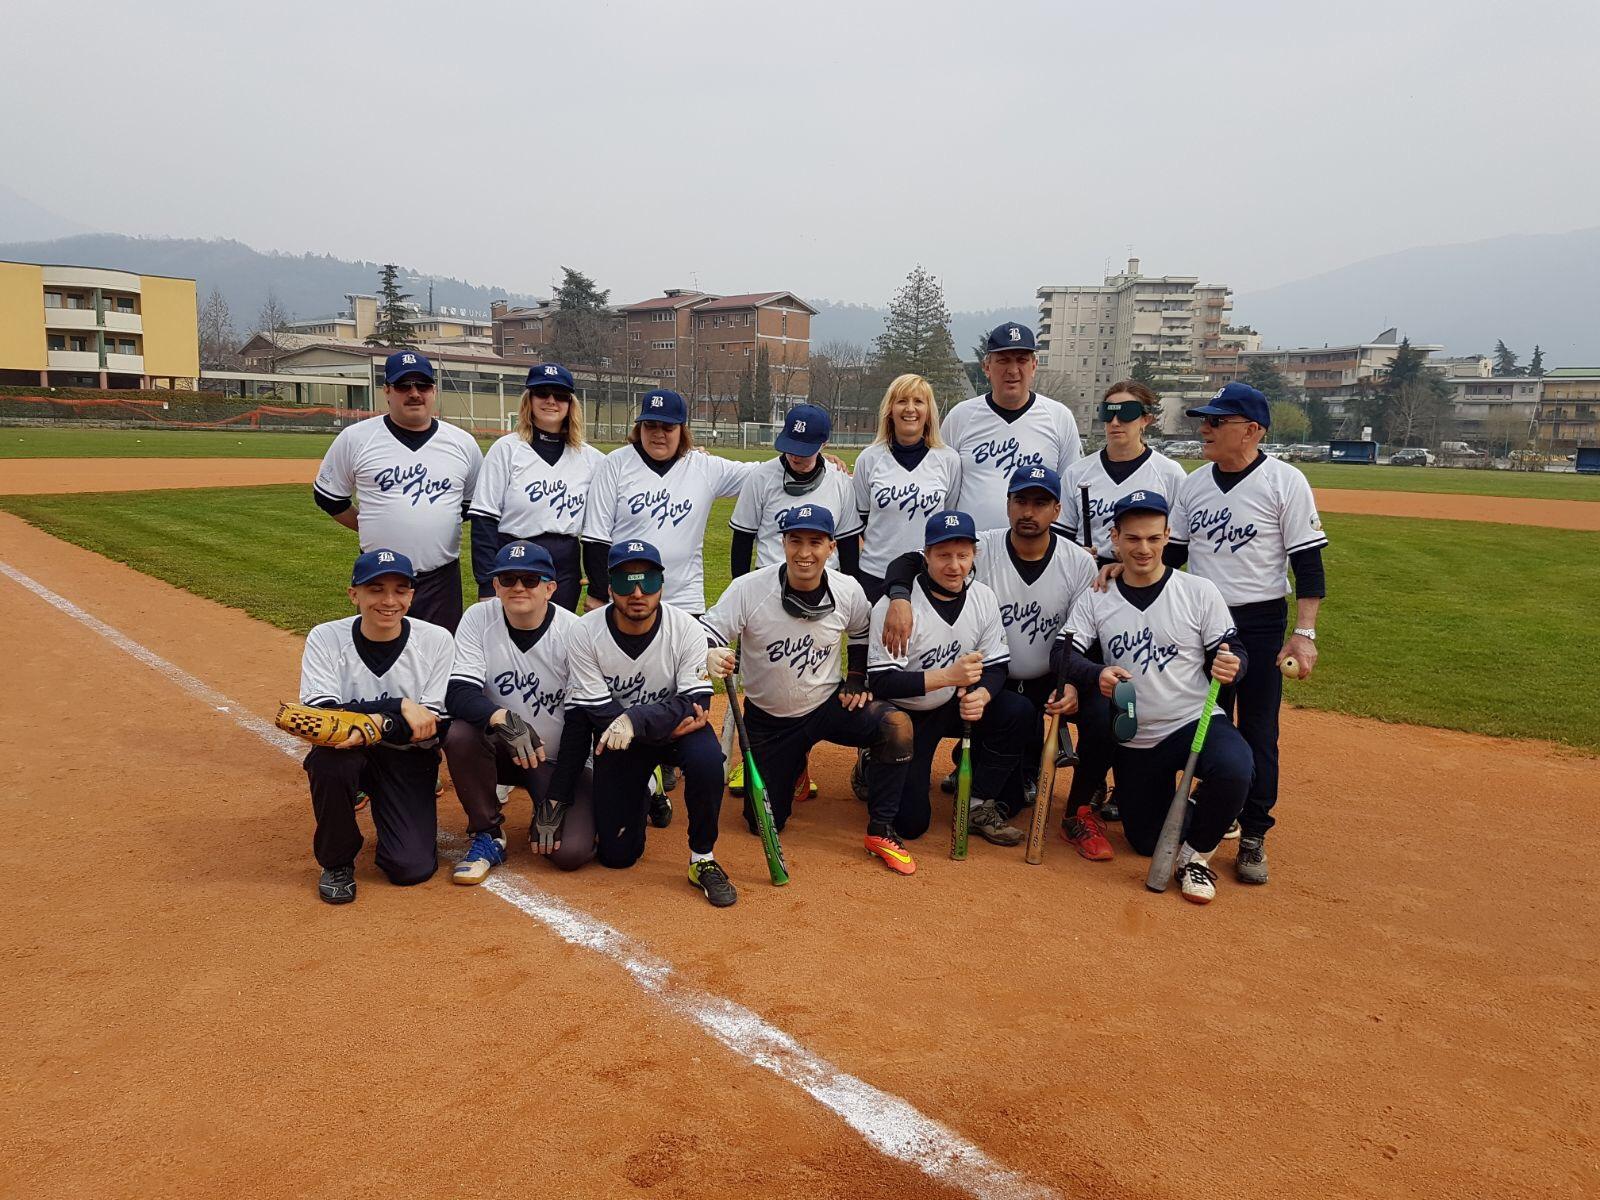 2017 Bluefire foto di squadra